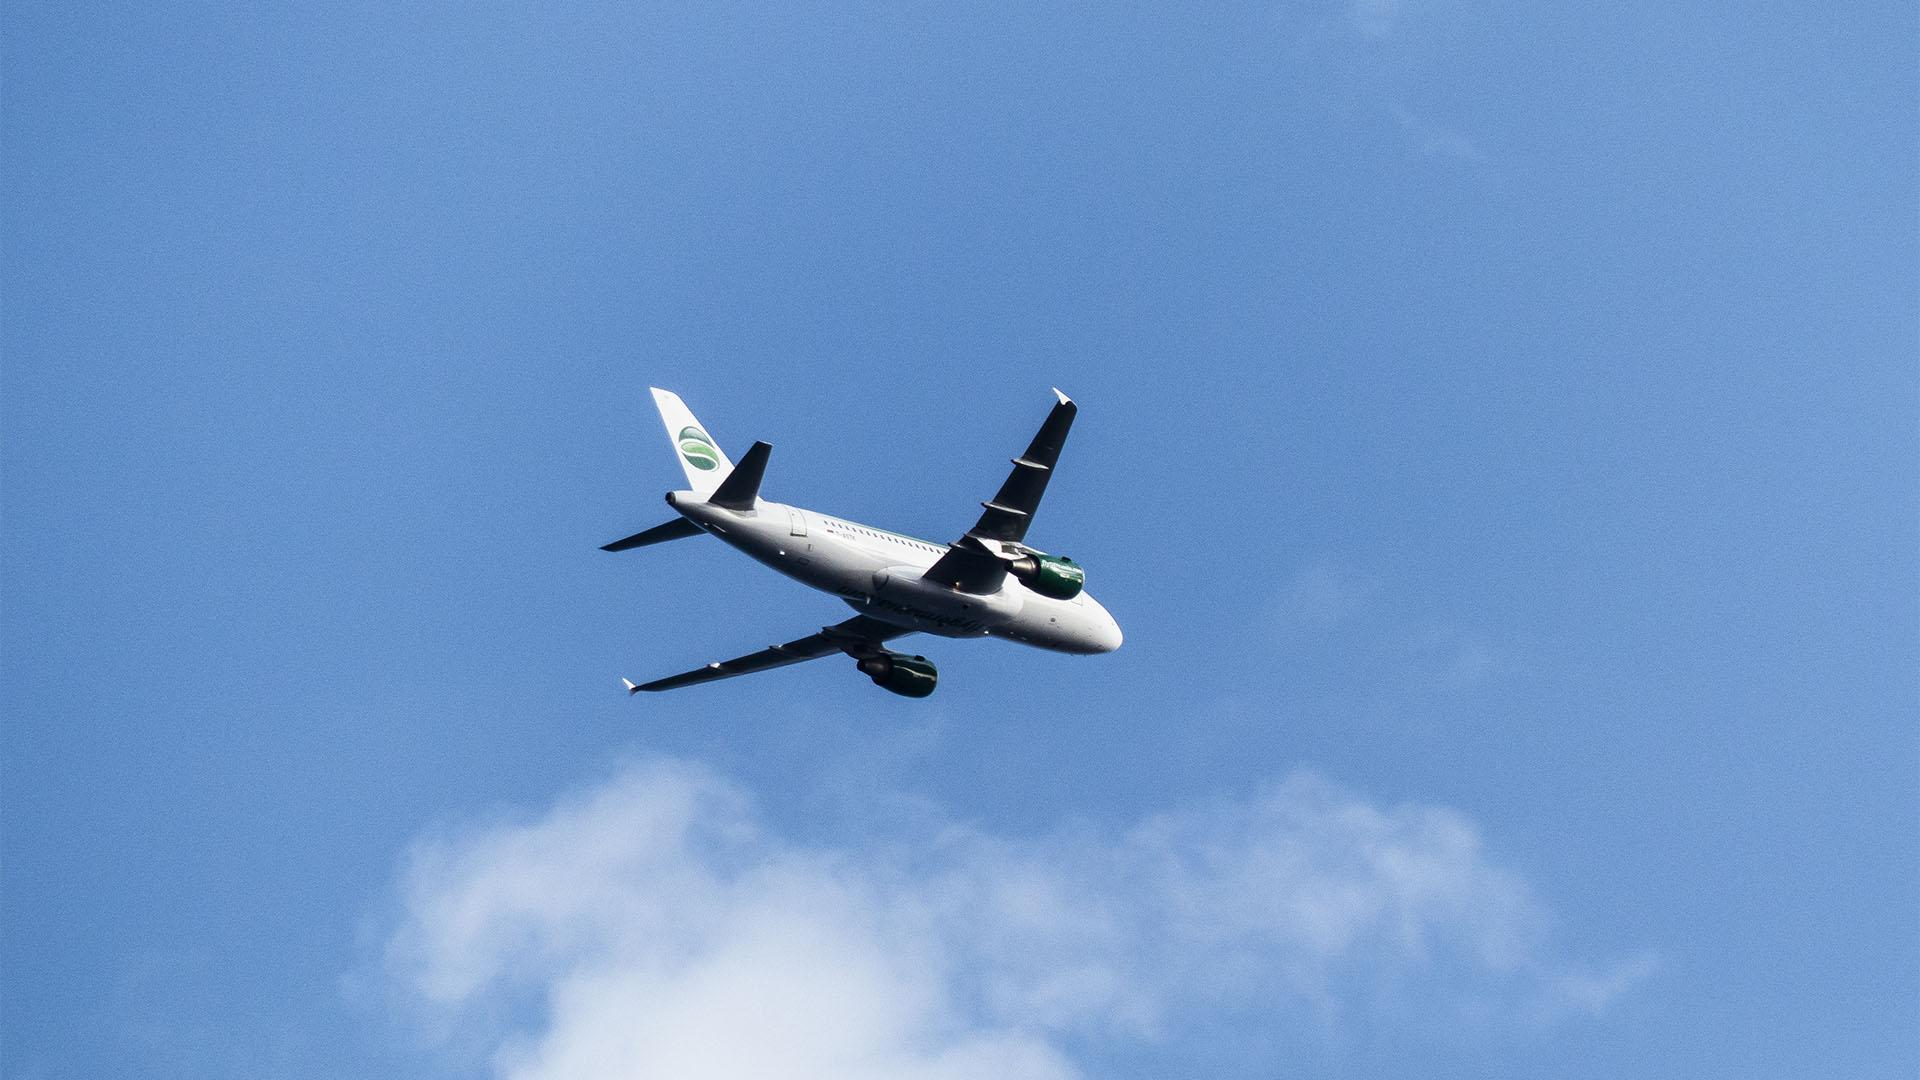 Flug Flugzeug Anreise Fuerteventura – www.sunnyfuerte.com